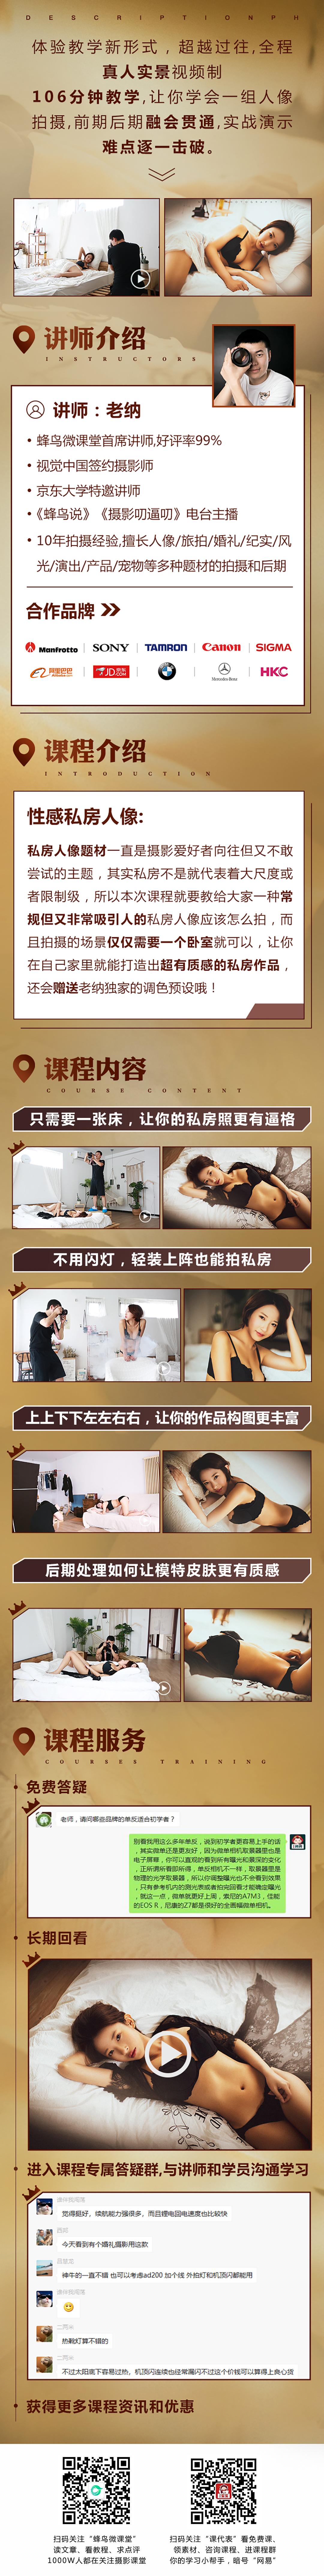 人像高手训练营(性感私房篇).jpg